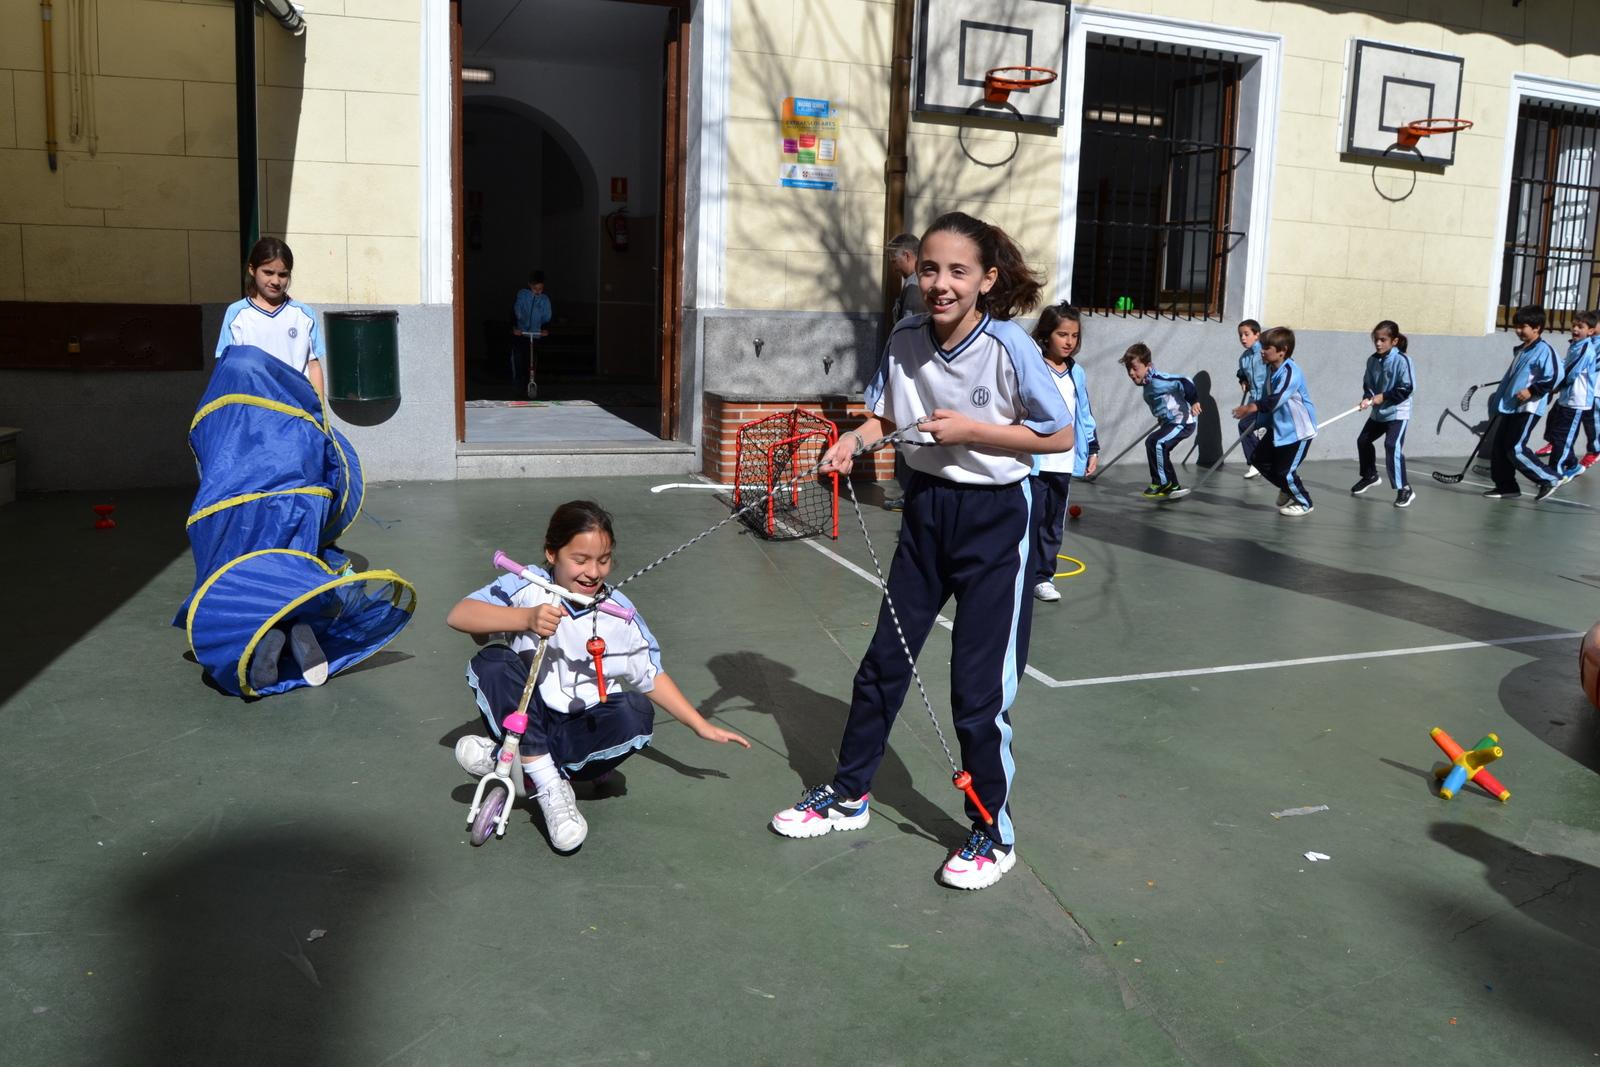 JORNADAS CULTURALES 2019: Juegos 3º y 4º Edu. Primaria 14